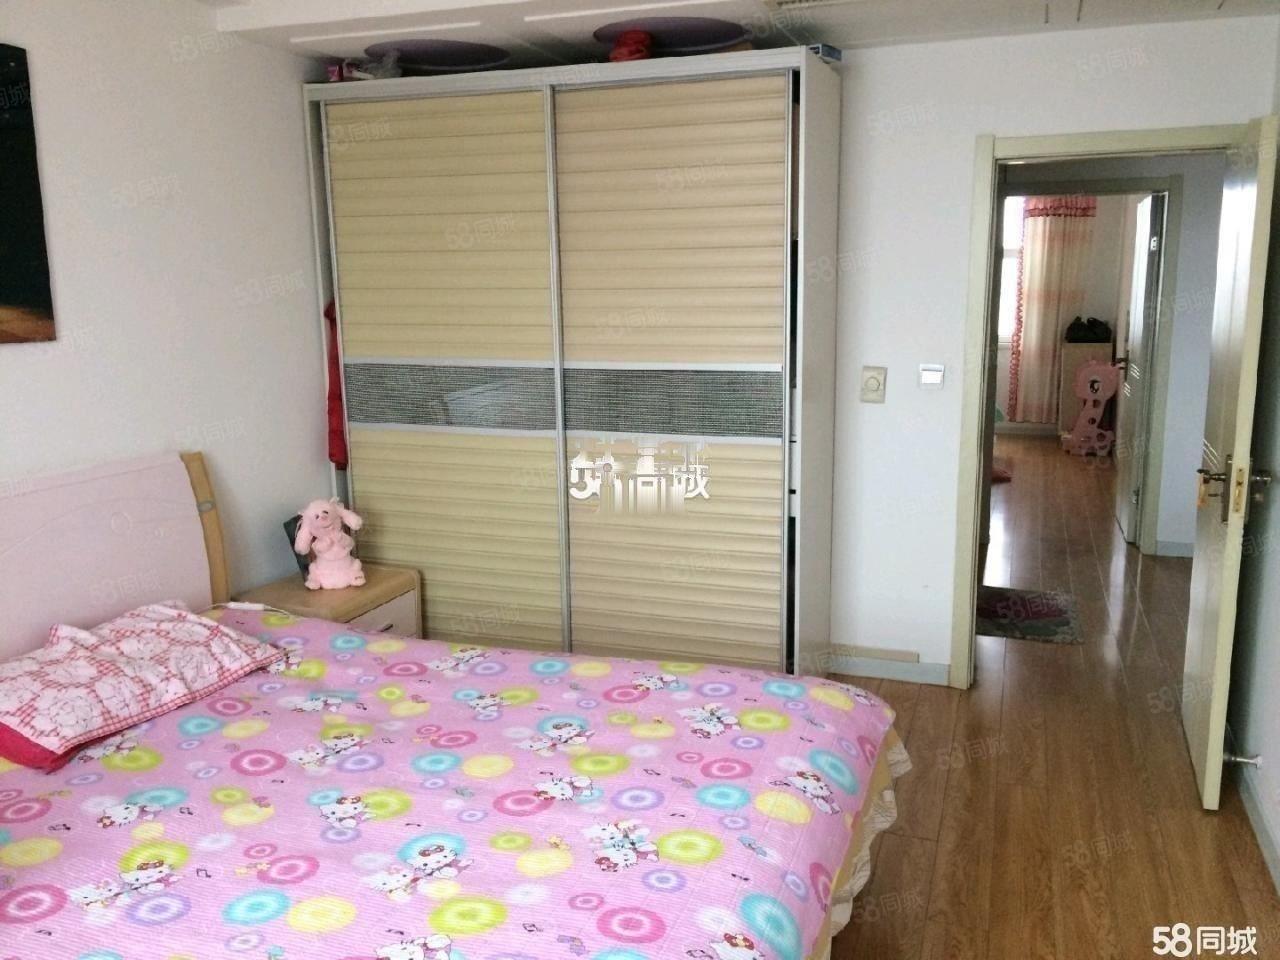 凯旋城2室1厅1卫精装修,家具家电齐全拎包入住